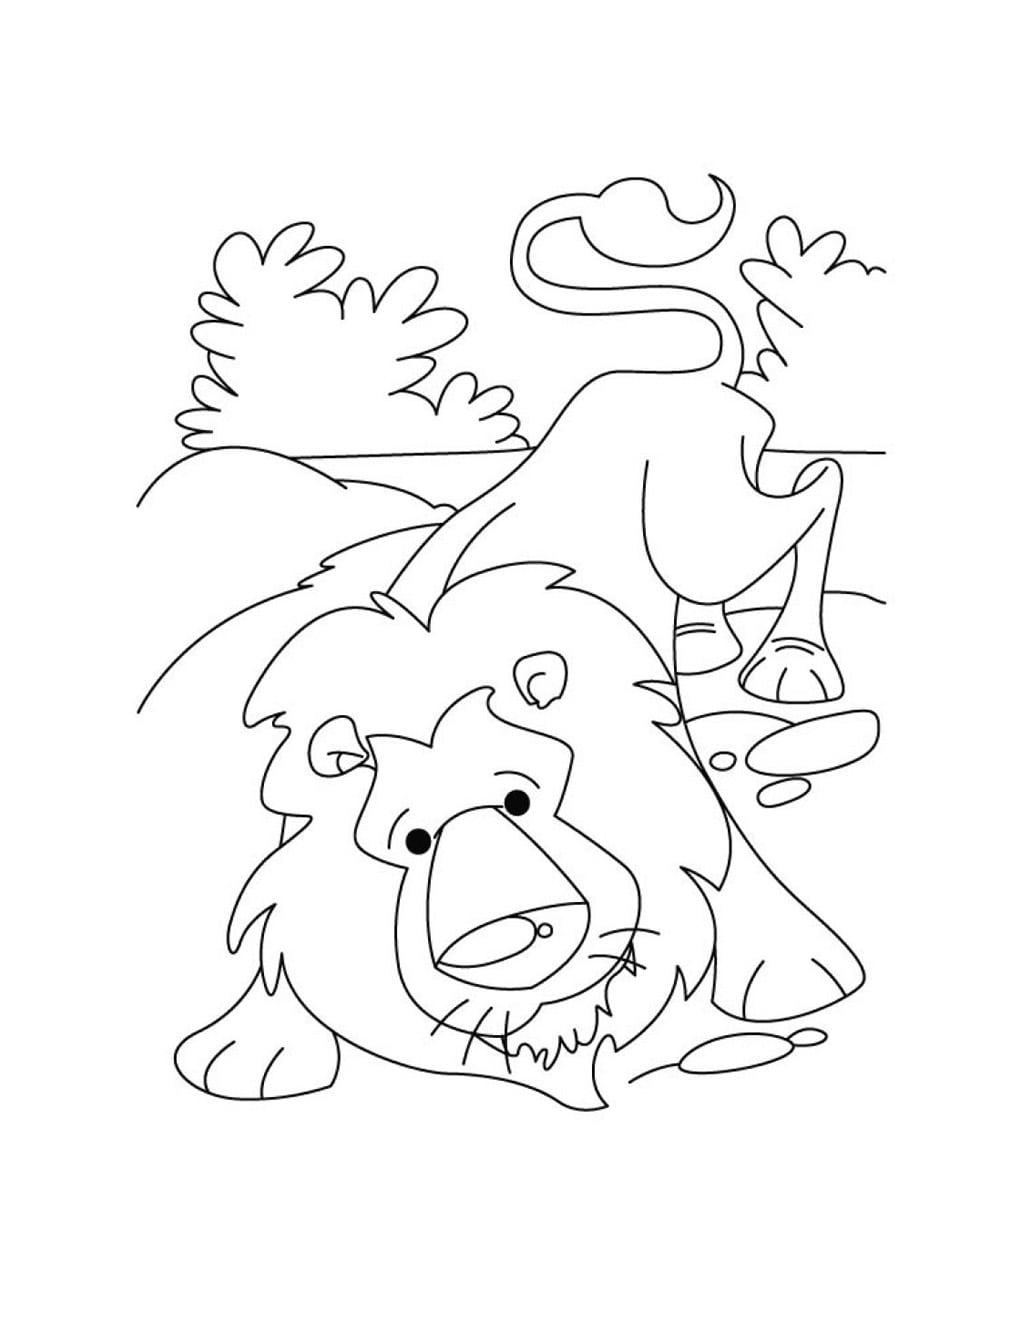 Desenho De Fábula Do Leão E O Ratinho Para Colorir